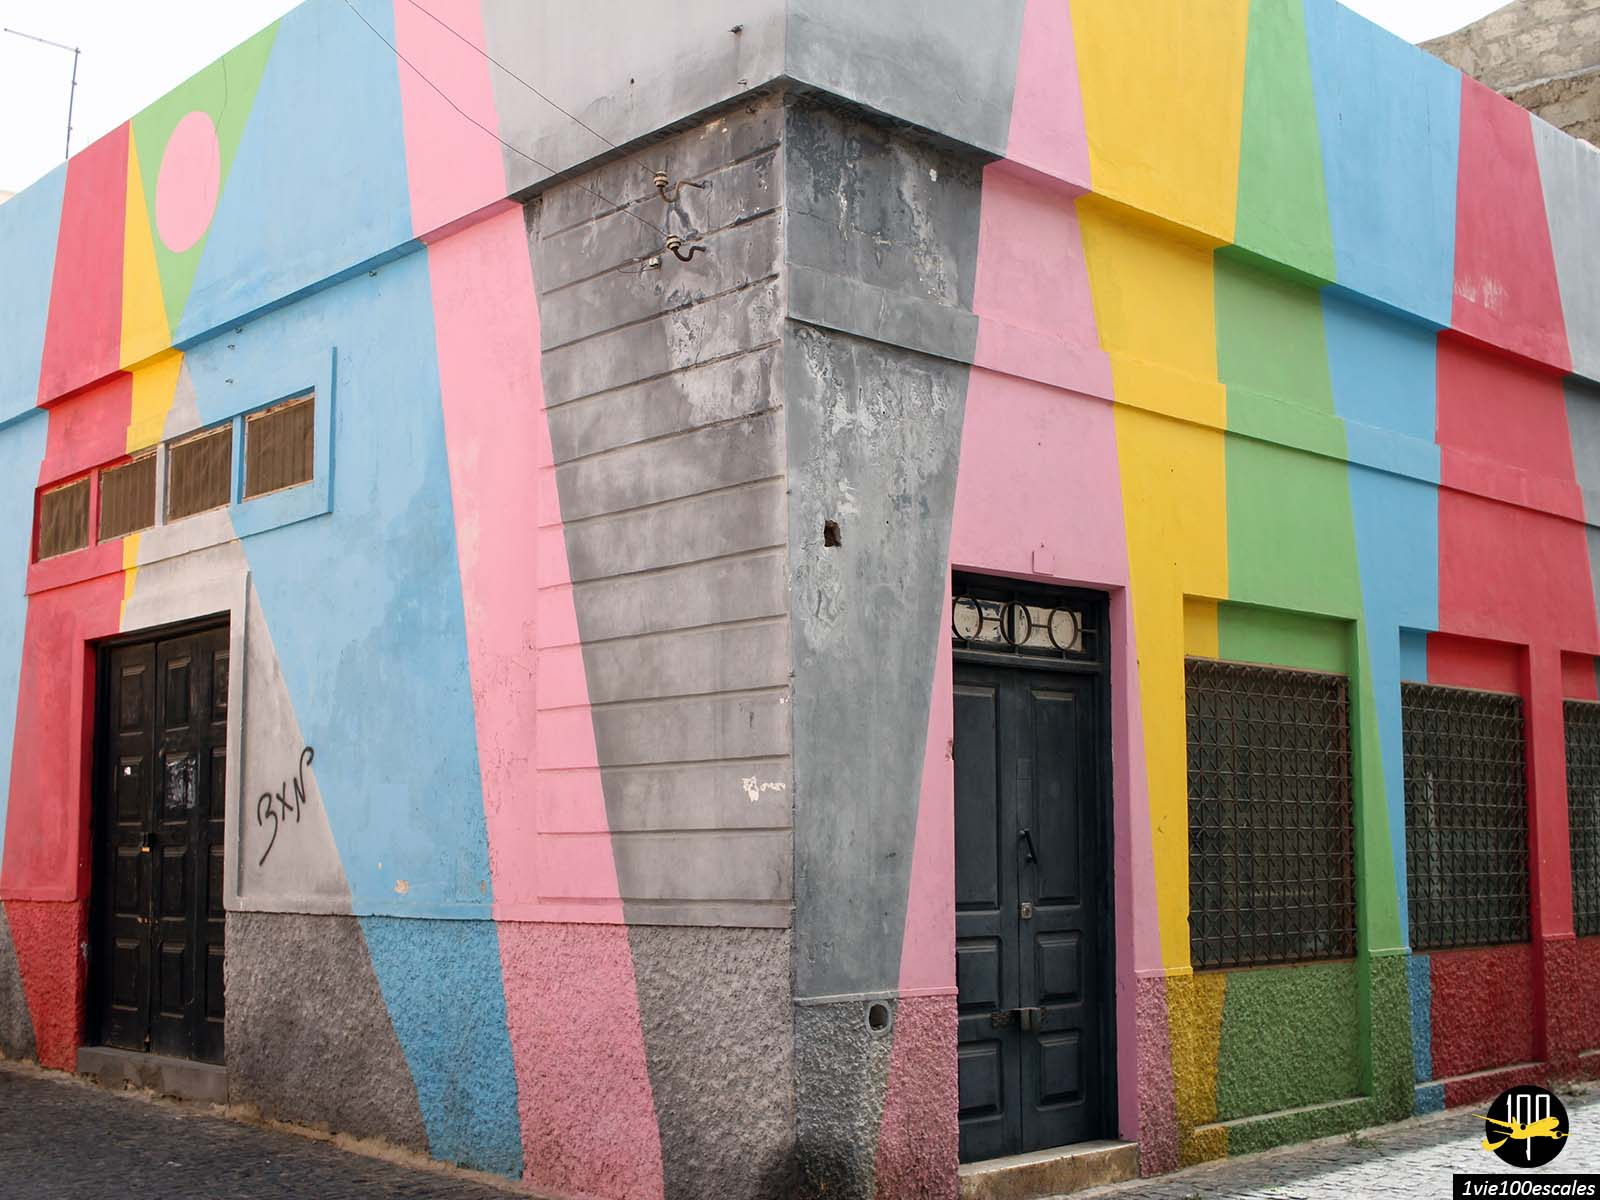 Un maison multi-color dans la ville de Mindelo sur l'île de Sao Vicente